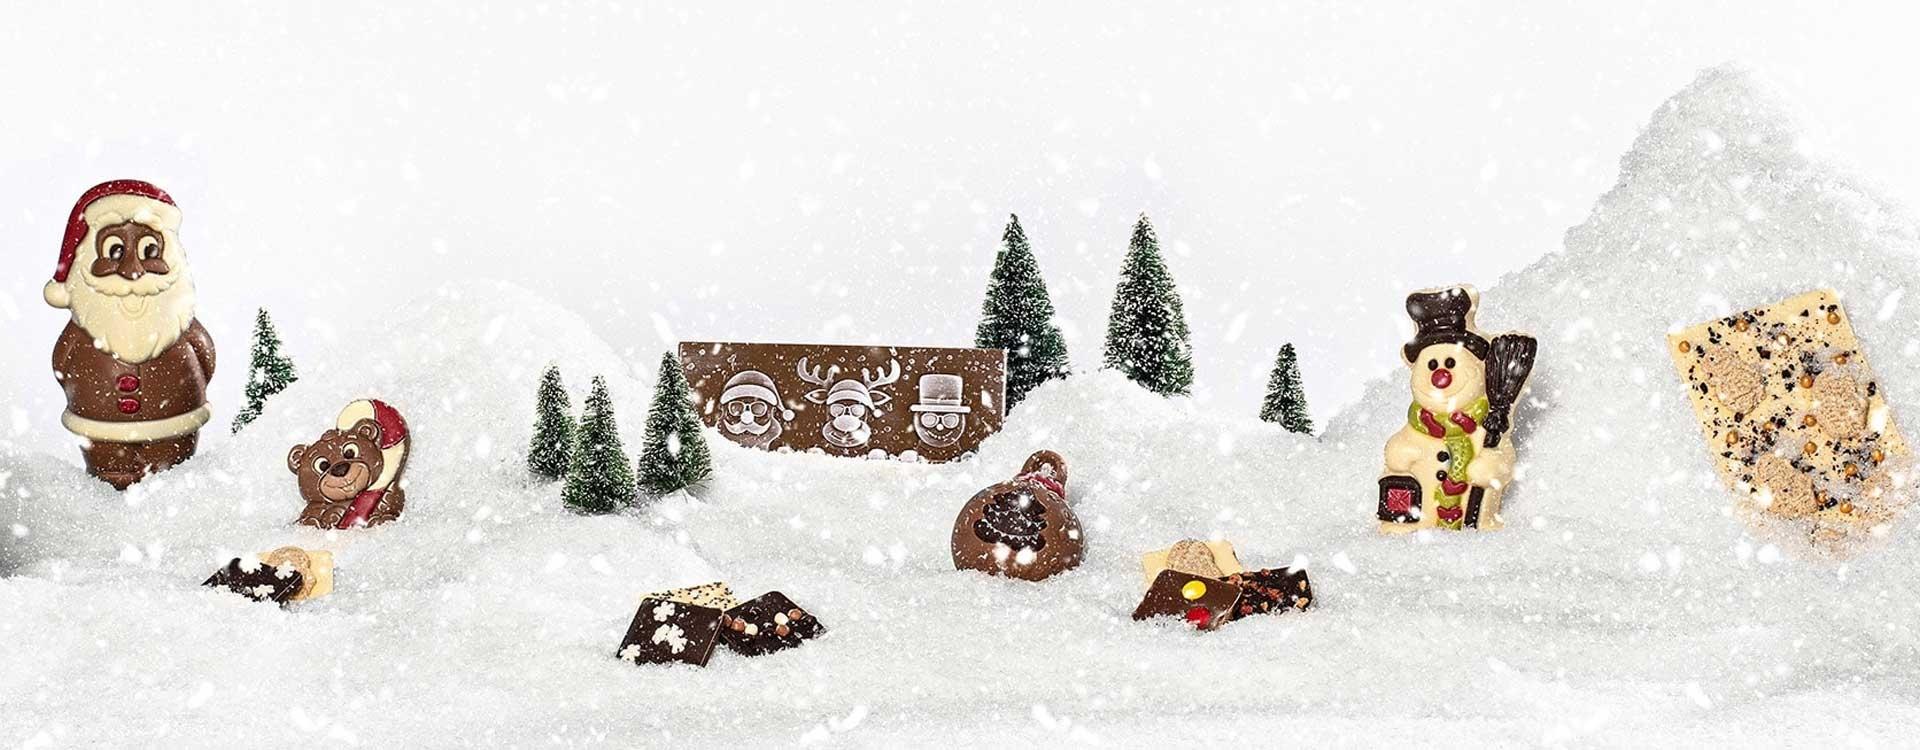 Mit Schokolade von chocri zu Weihnachten gewinnen Geschenke echt an Geschmack